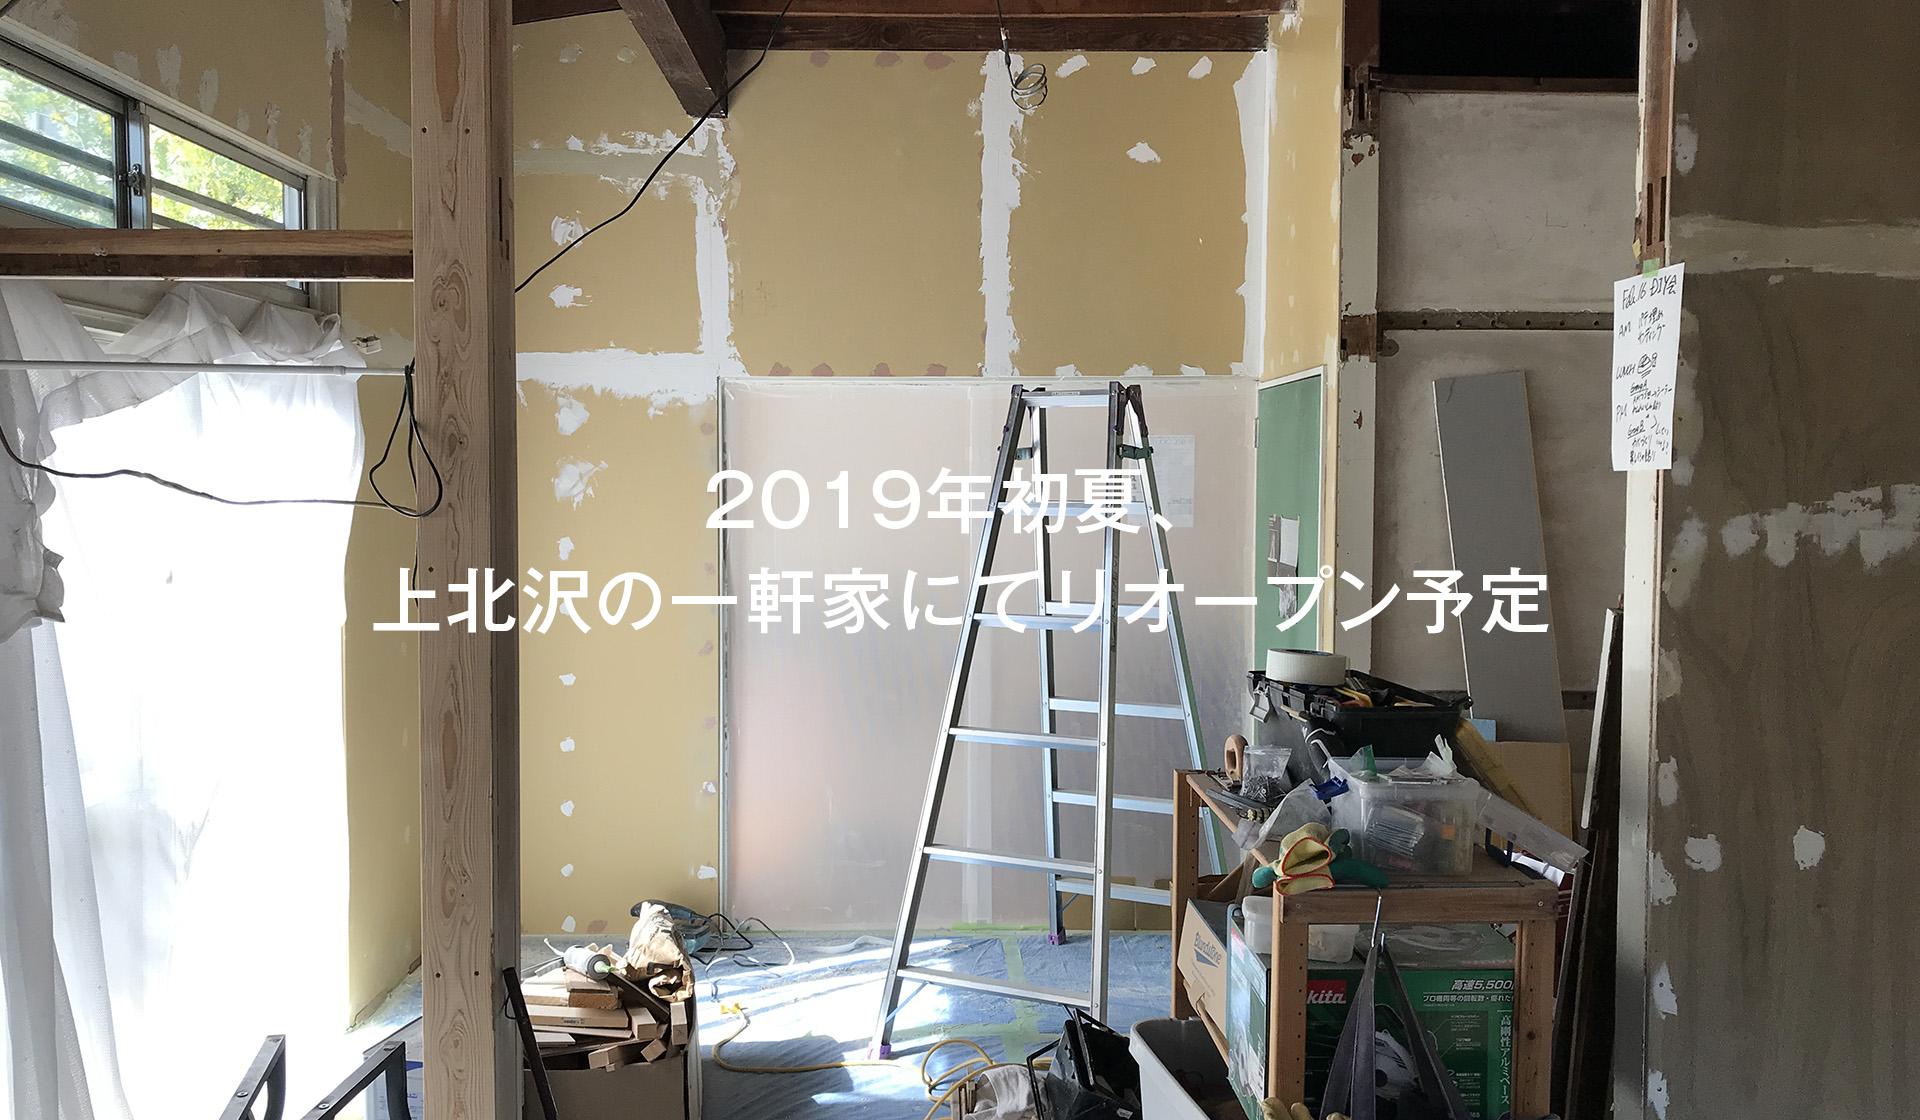 2019 年初夏、上北沢の一軒家にてリオープン予定